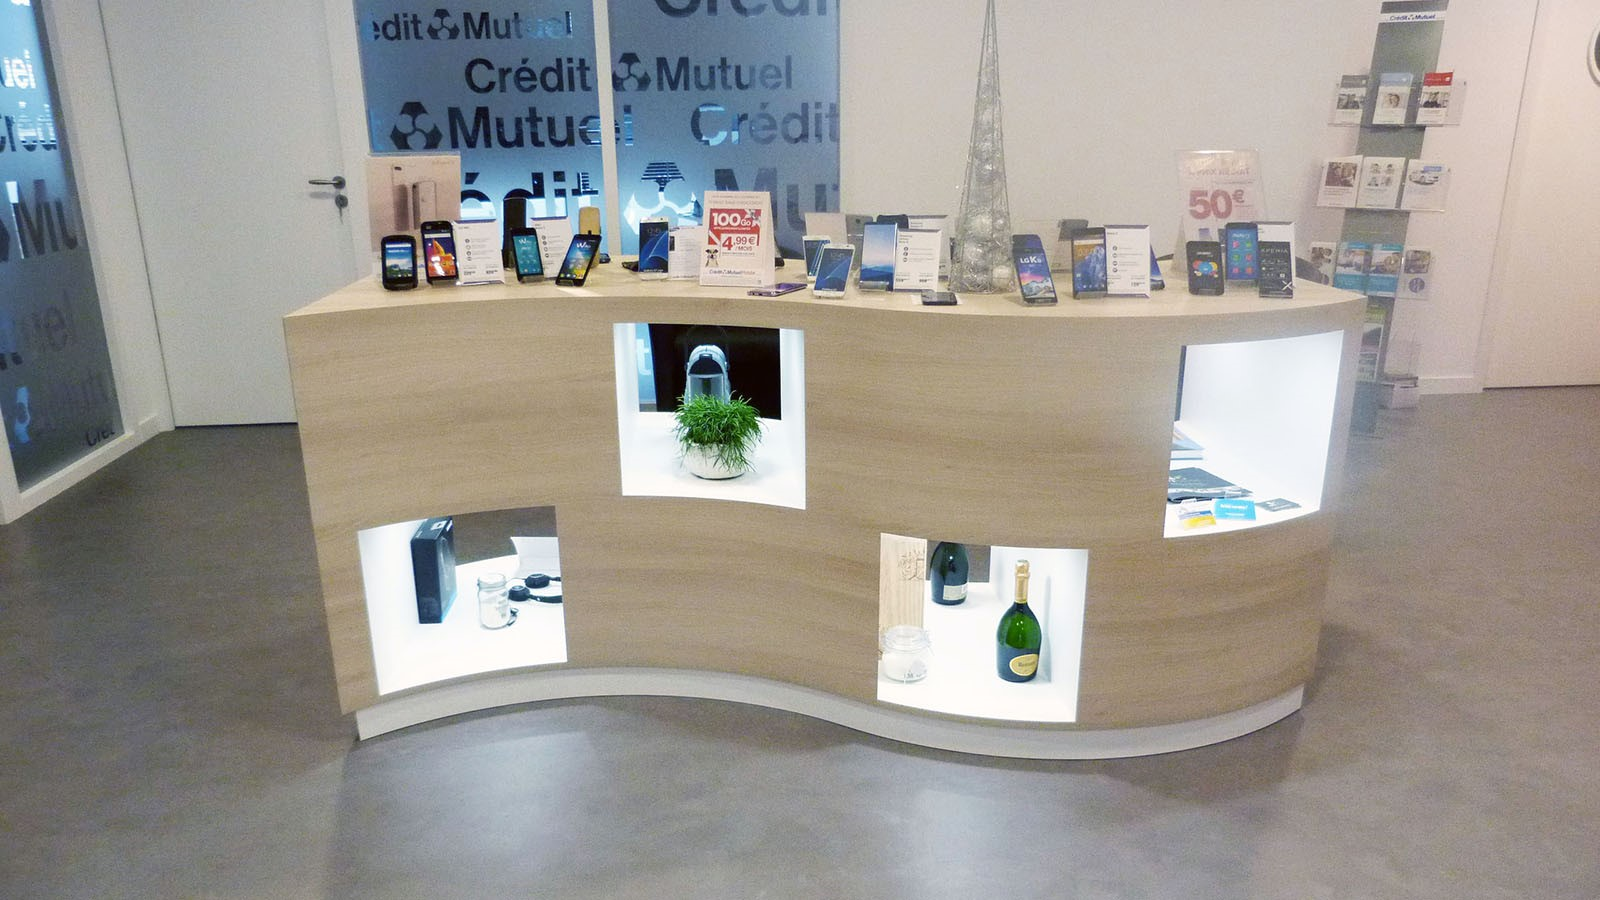 Credit Mutuel Saint Laurent Sur Sevre Efi Design (5)